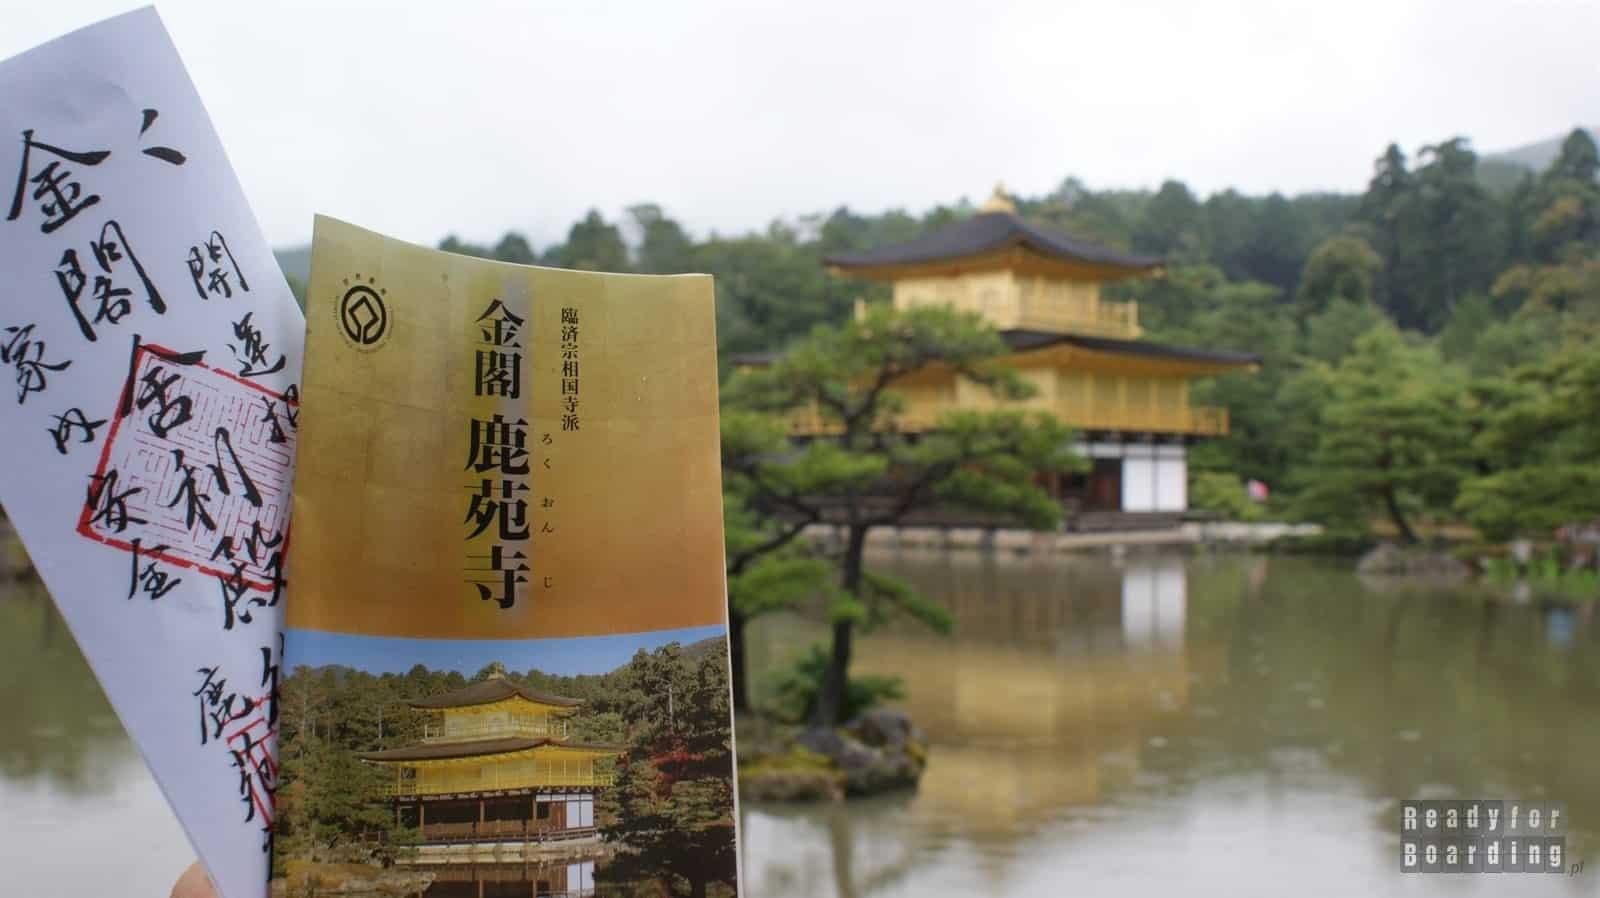 Kioto - Kinkakuji (Golden Pavilion)